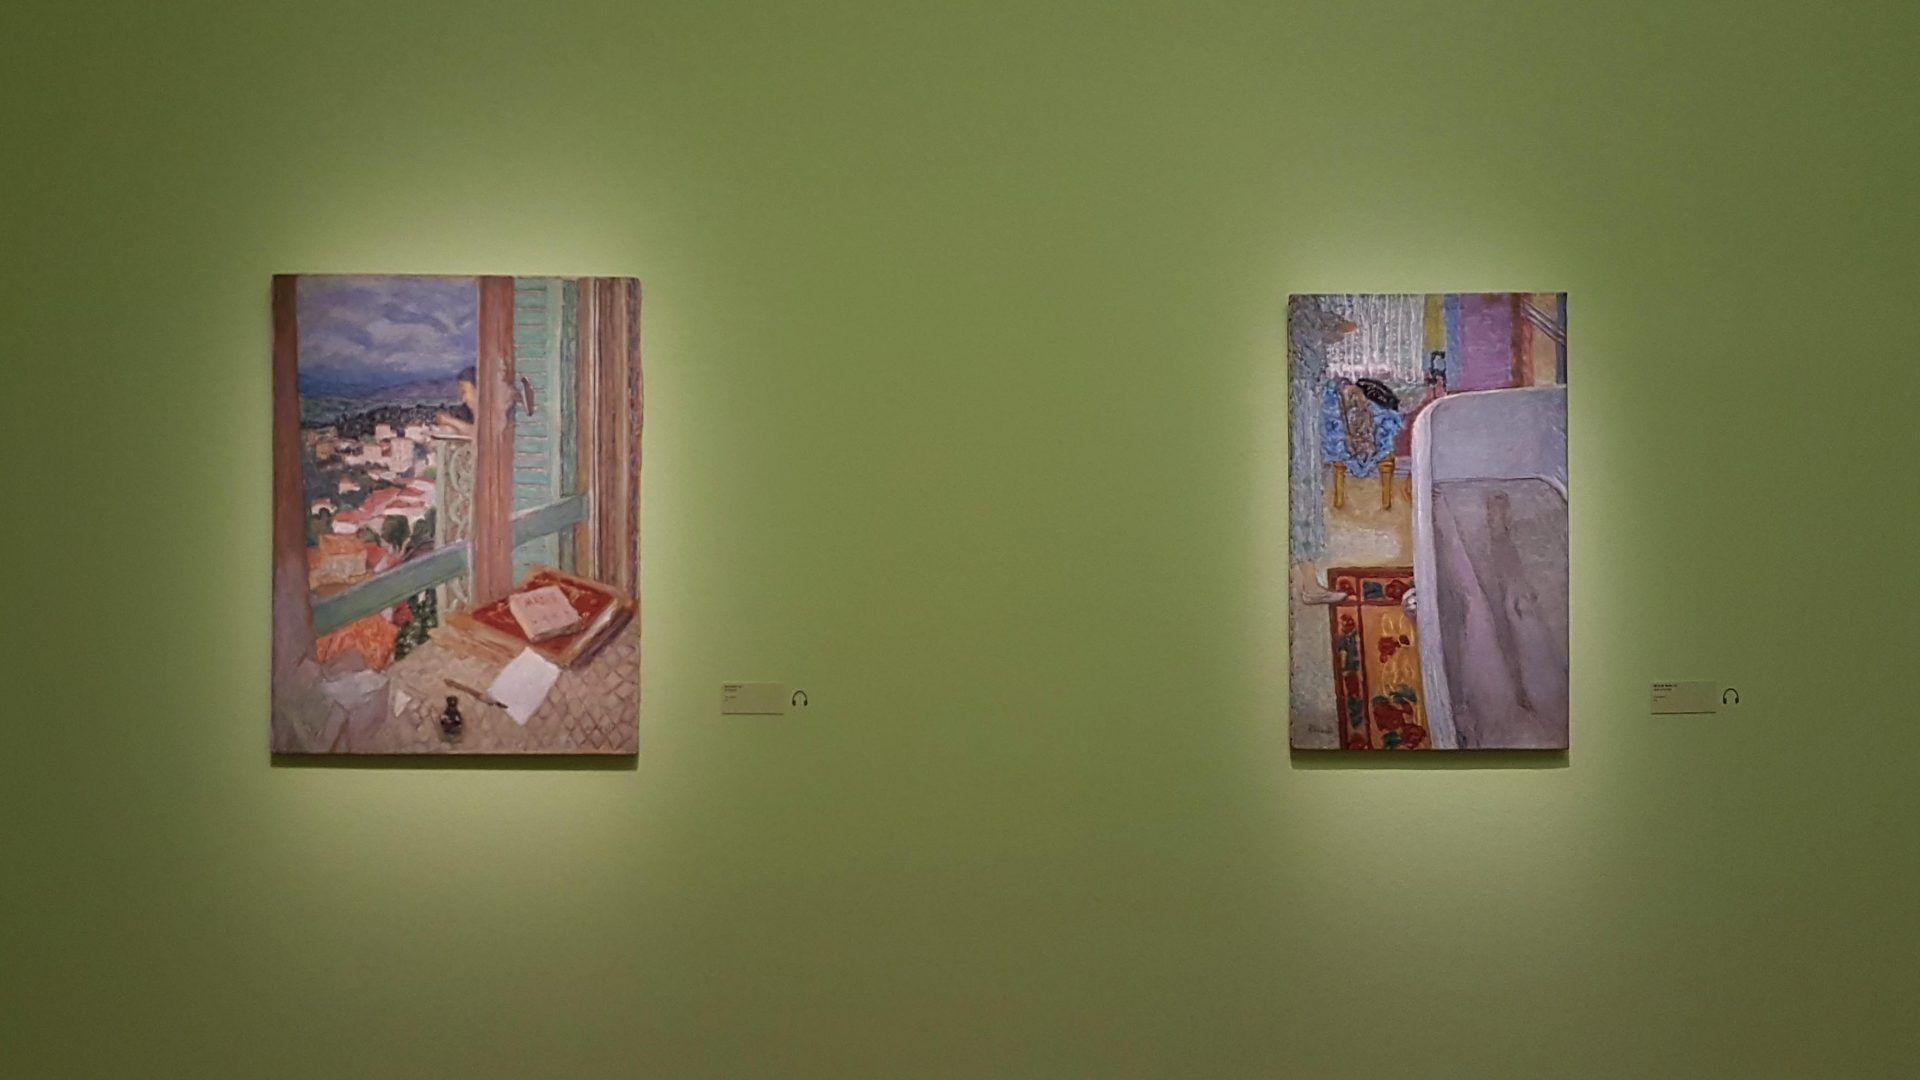 Экспозиция выставки Пьера Боннара в Кунстфоруме Форума Австрия, 2019